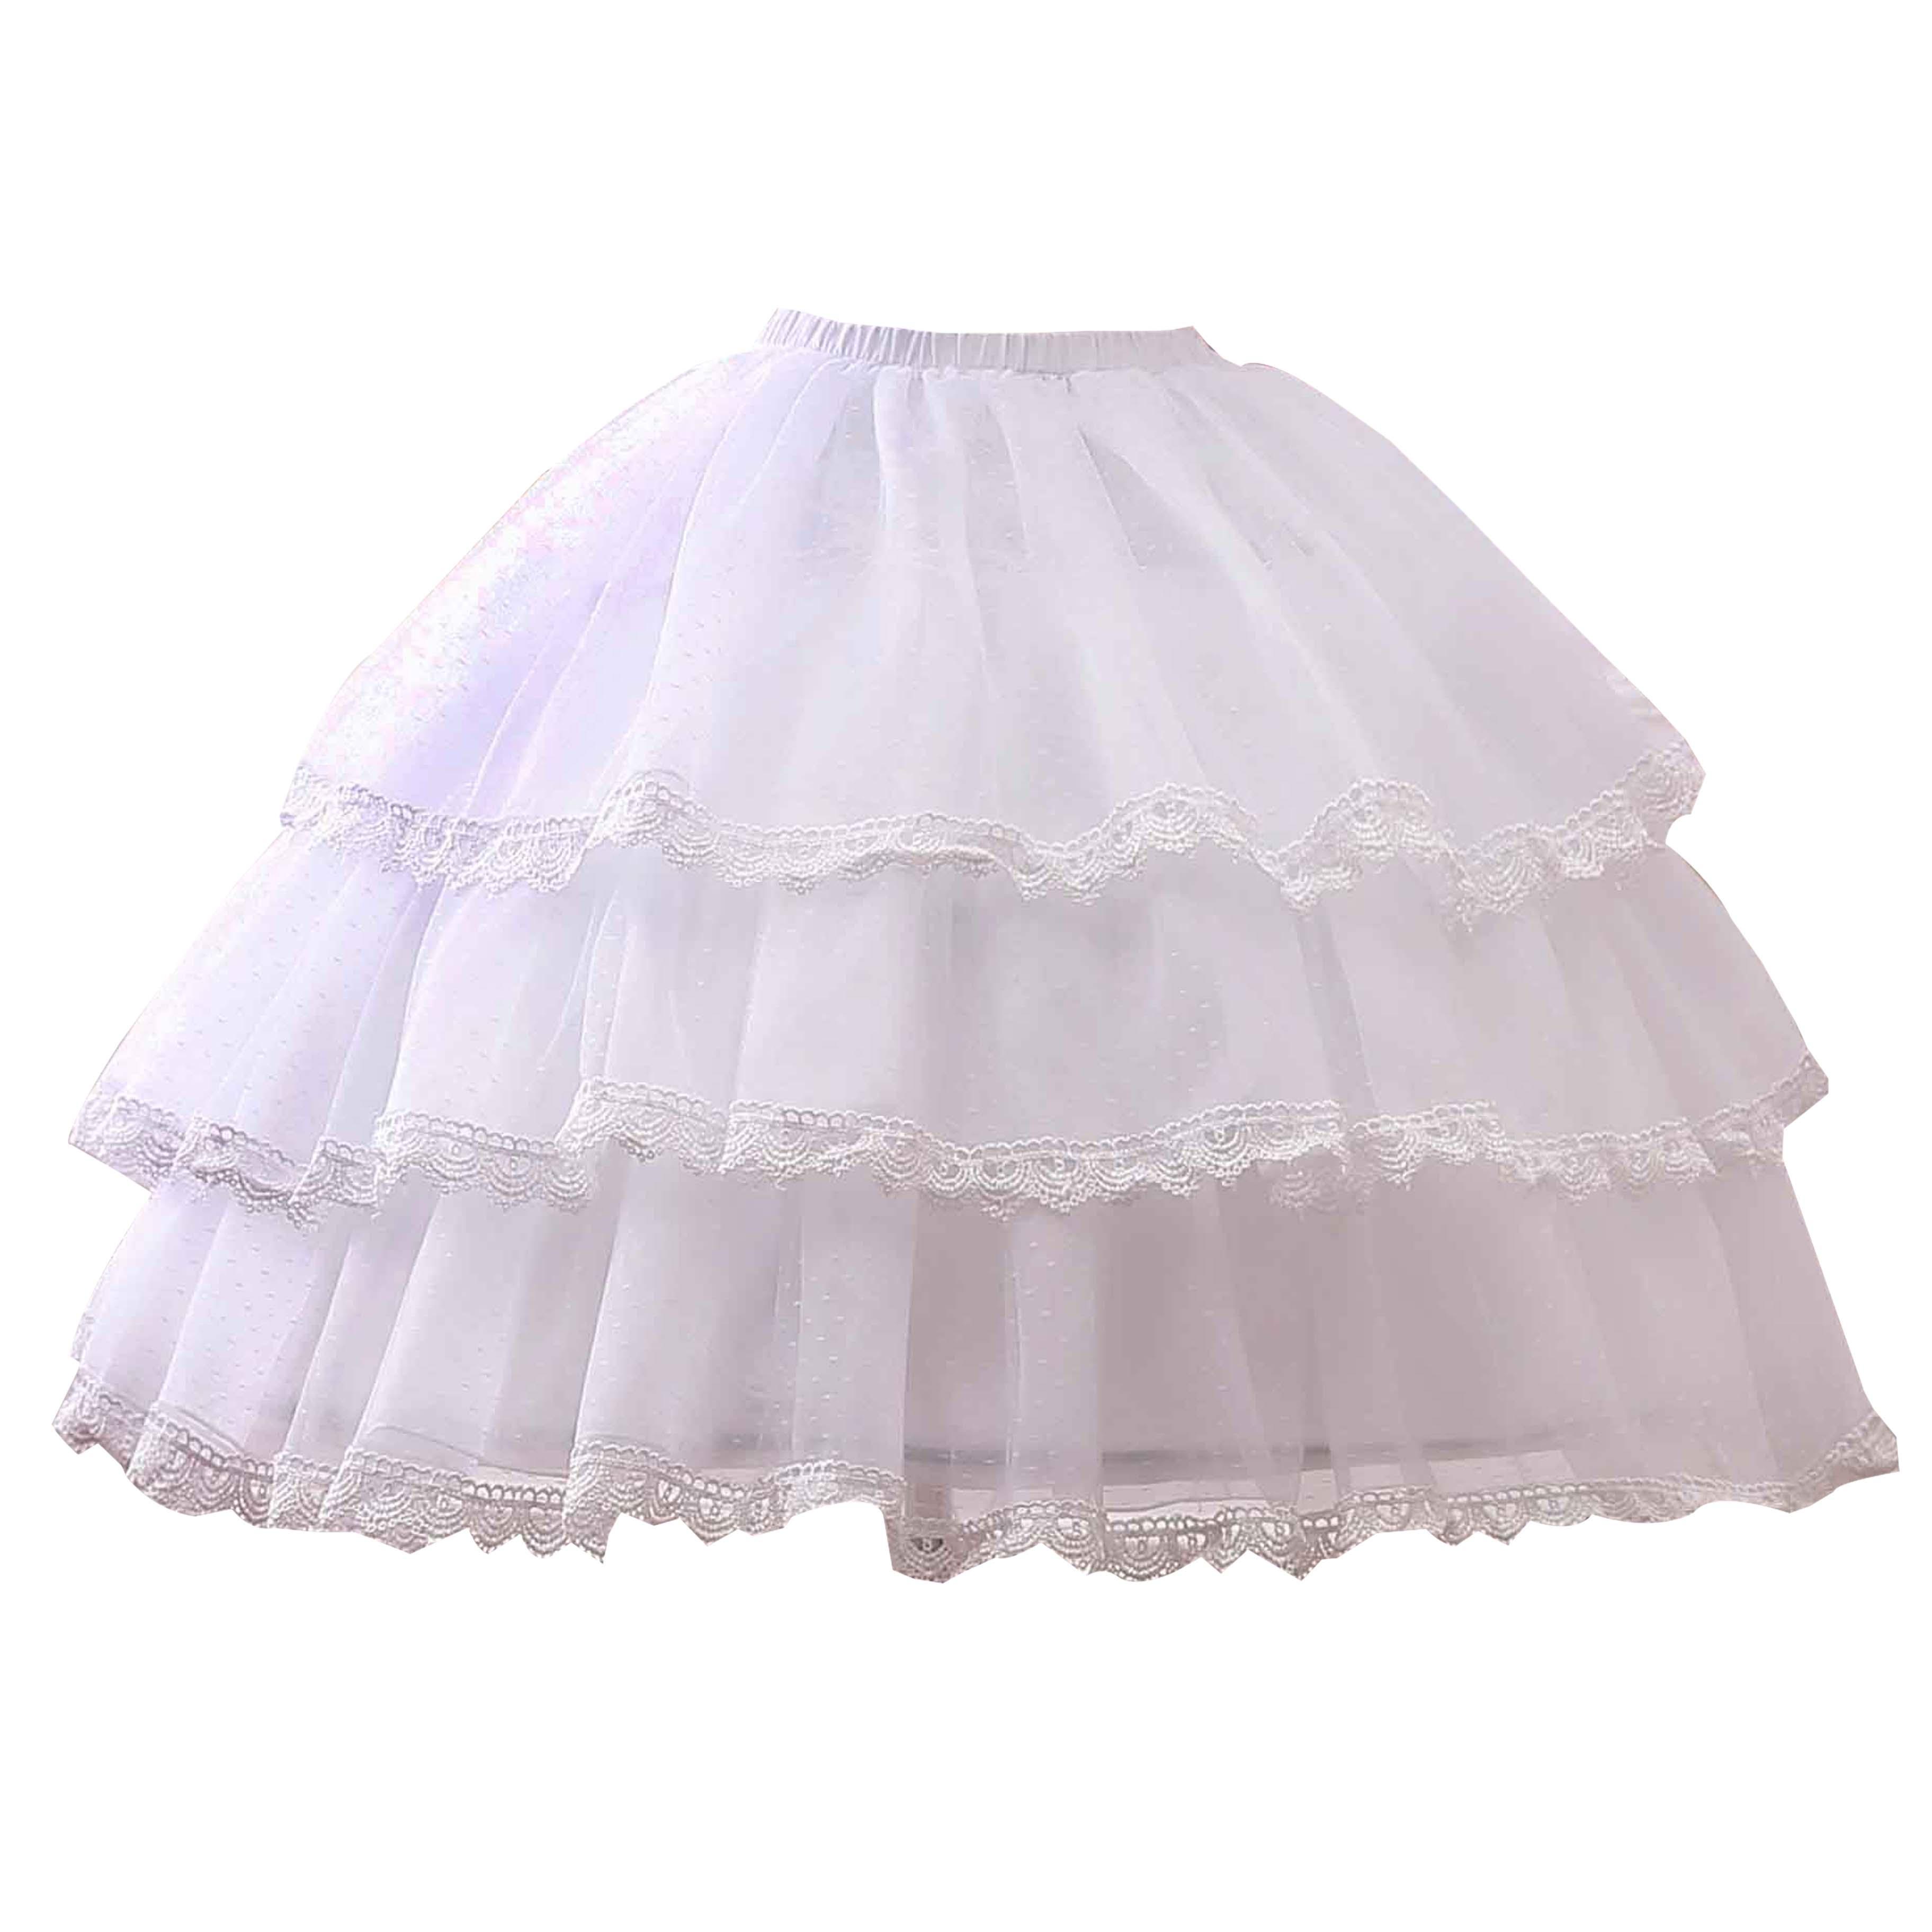 魔法裙撑lolita暴力鱼骨撑日常软纱撑洛丽塔卡门半身裙内搭可调节